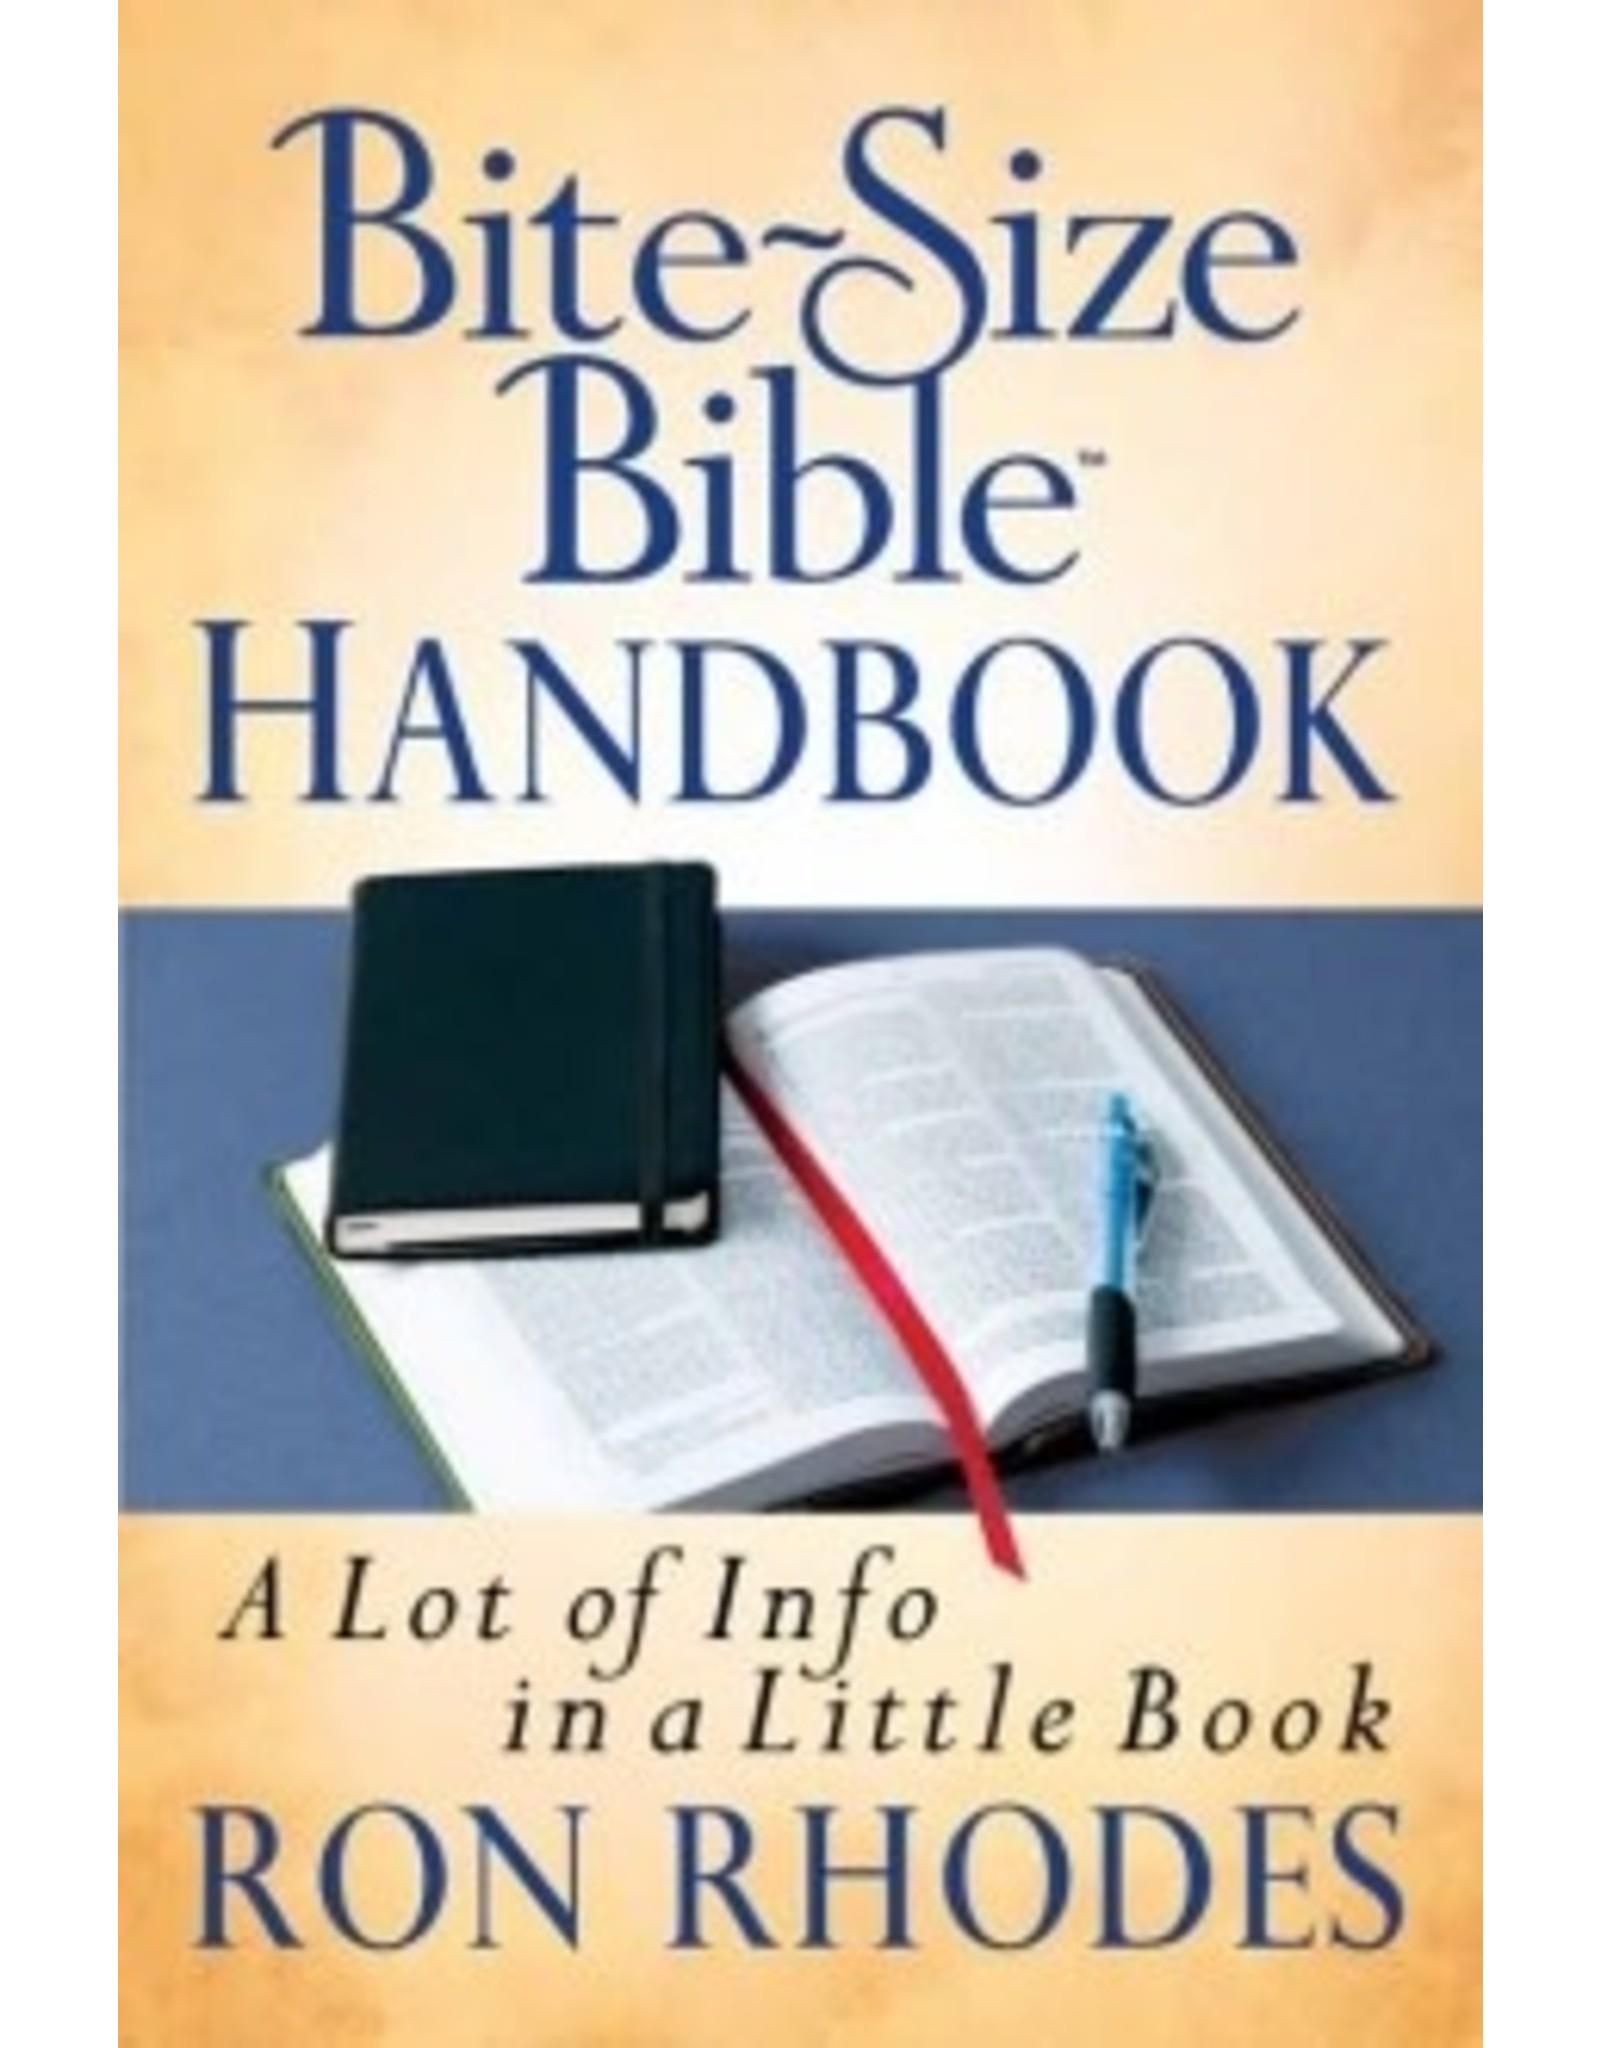 Rhodes Bite-Size Bible HandBook